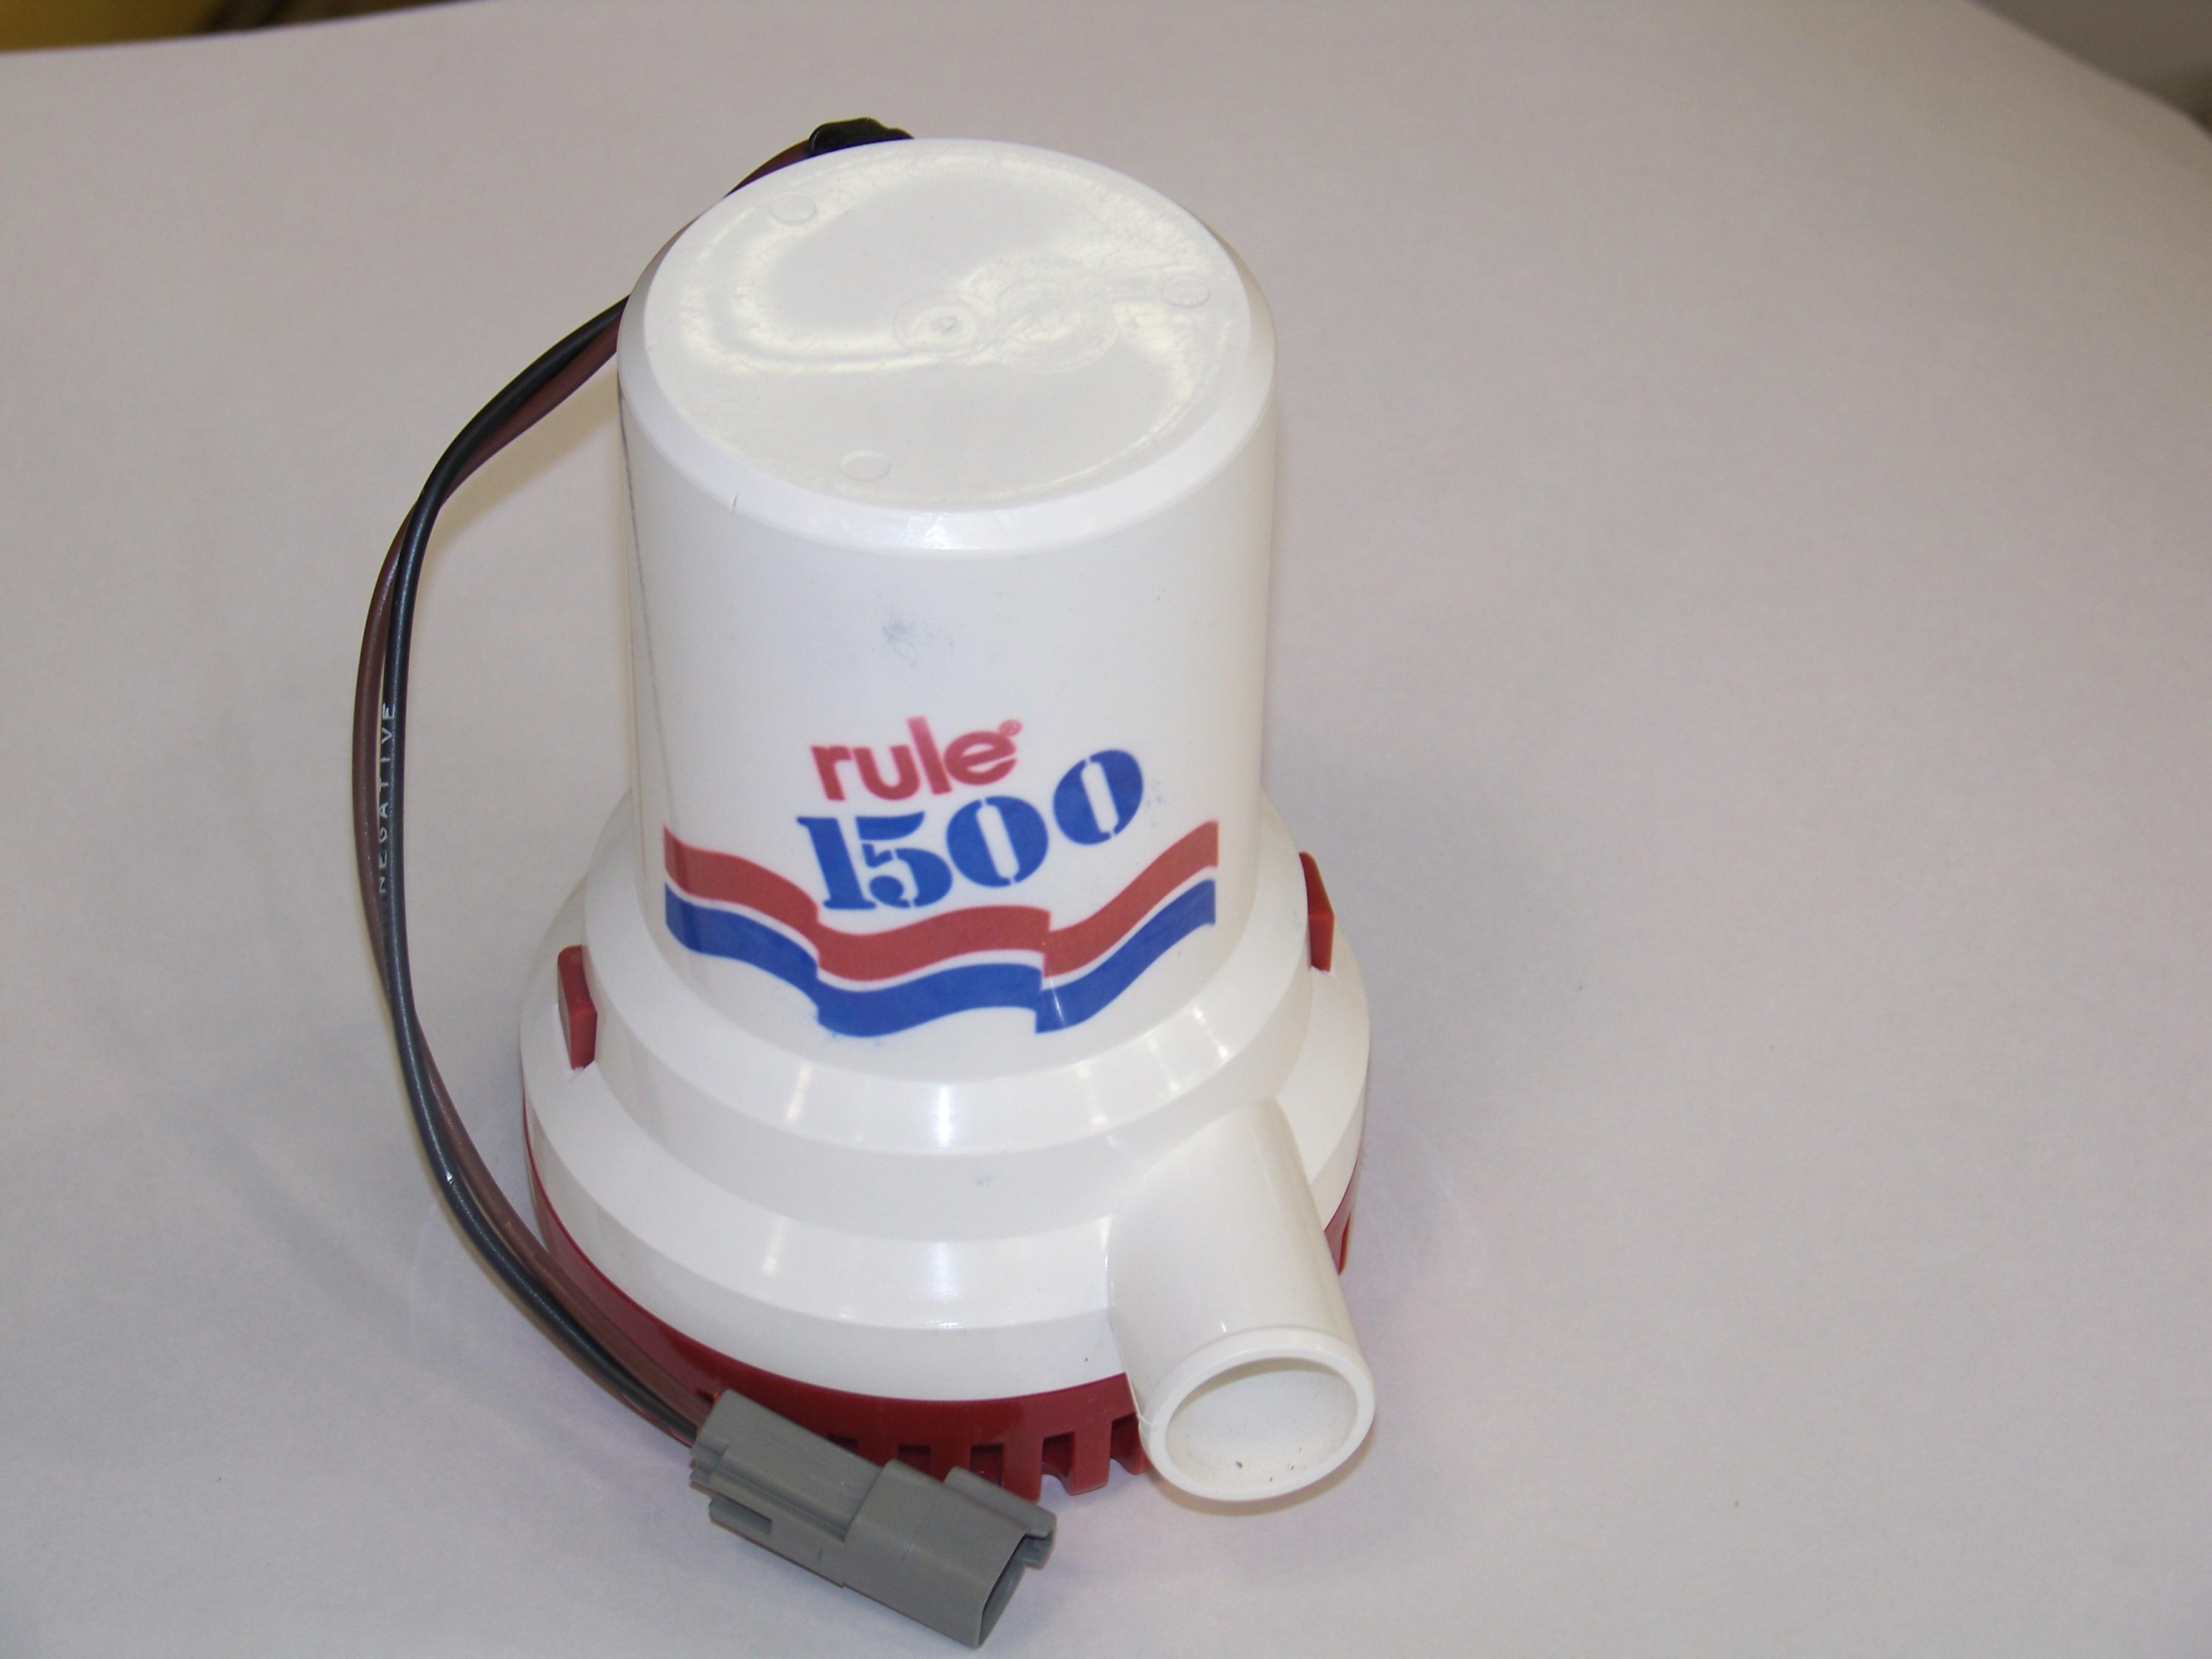 Rule-1500-Bilge-pump